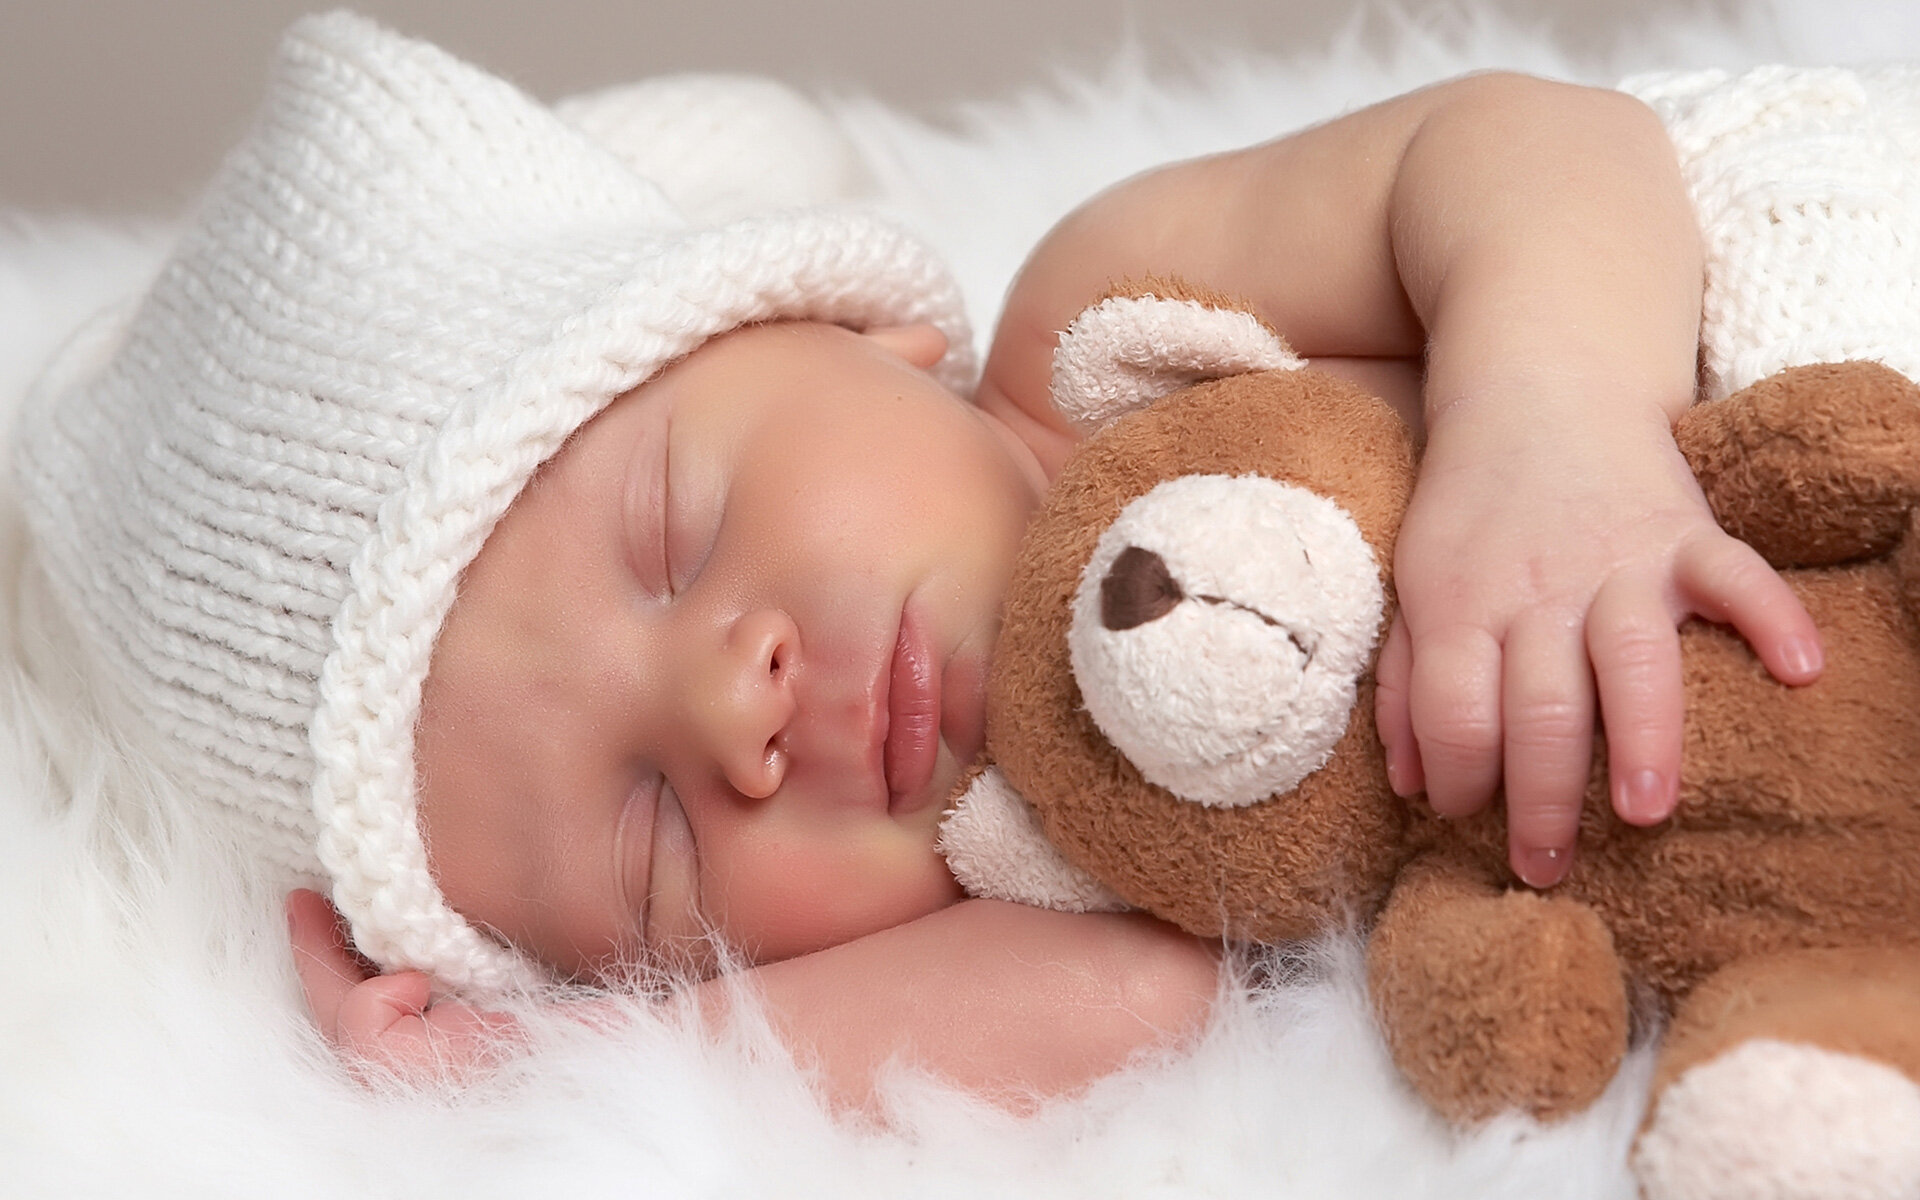 Giấc ngủ đóng vai trò như thế nào trong việc phát triển chiều cao của bé?